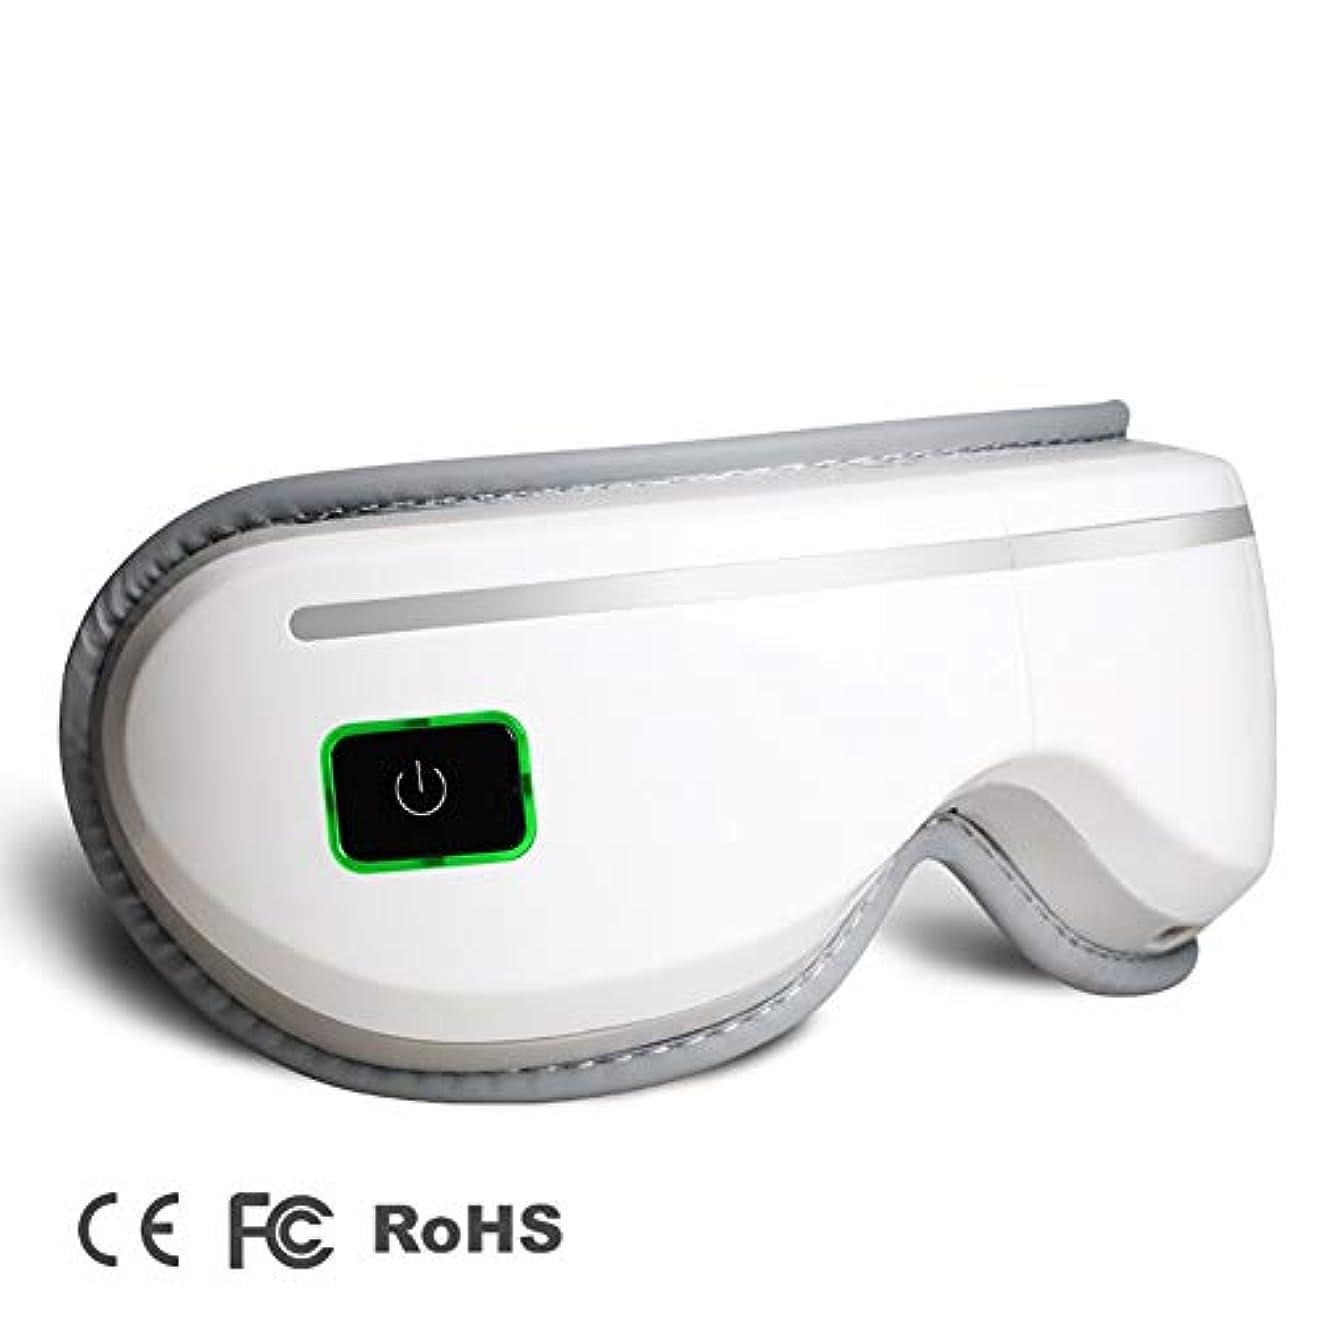 カーフ割れ目驚かすアイマッサージアイマスク電気用ヘッドマッサージストレスリリーフスリーピングとともに熱音楽と空気圧縮3つのモードアイカー